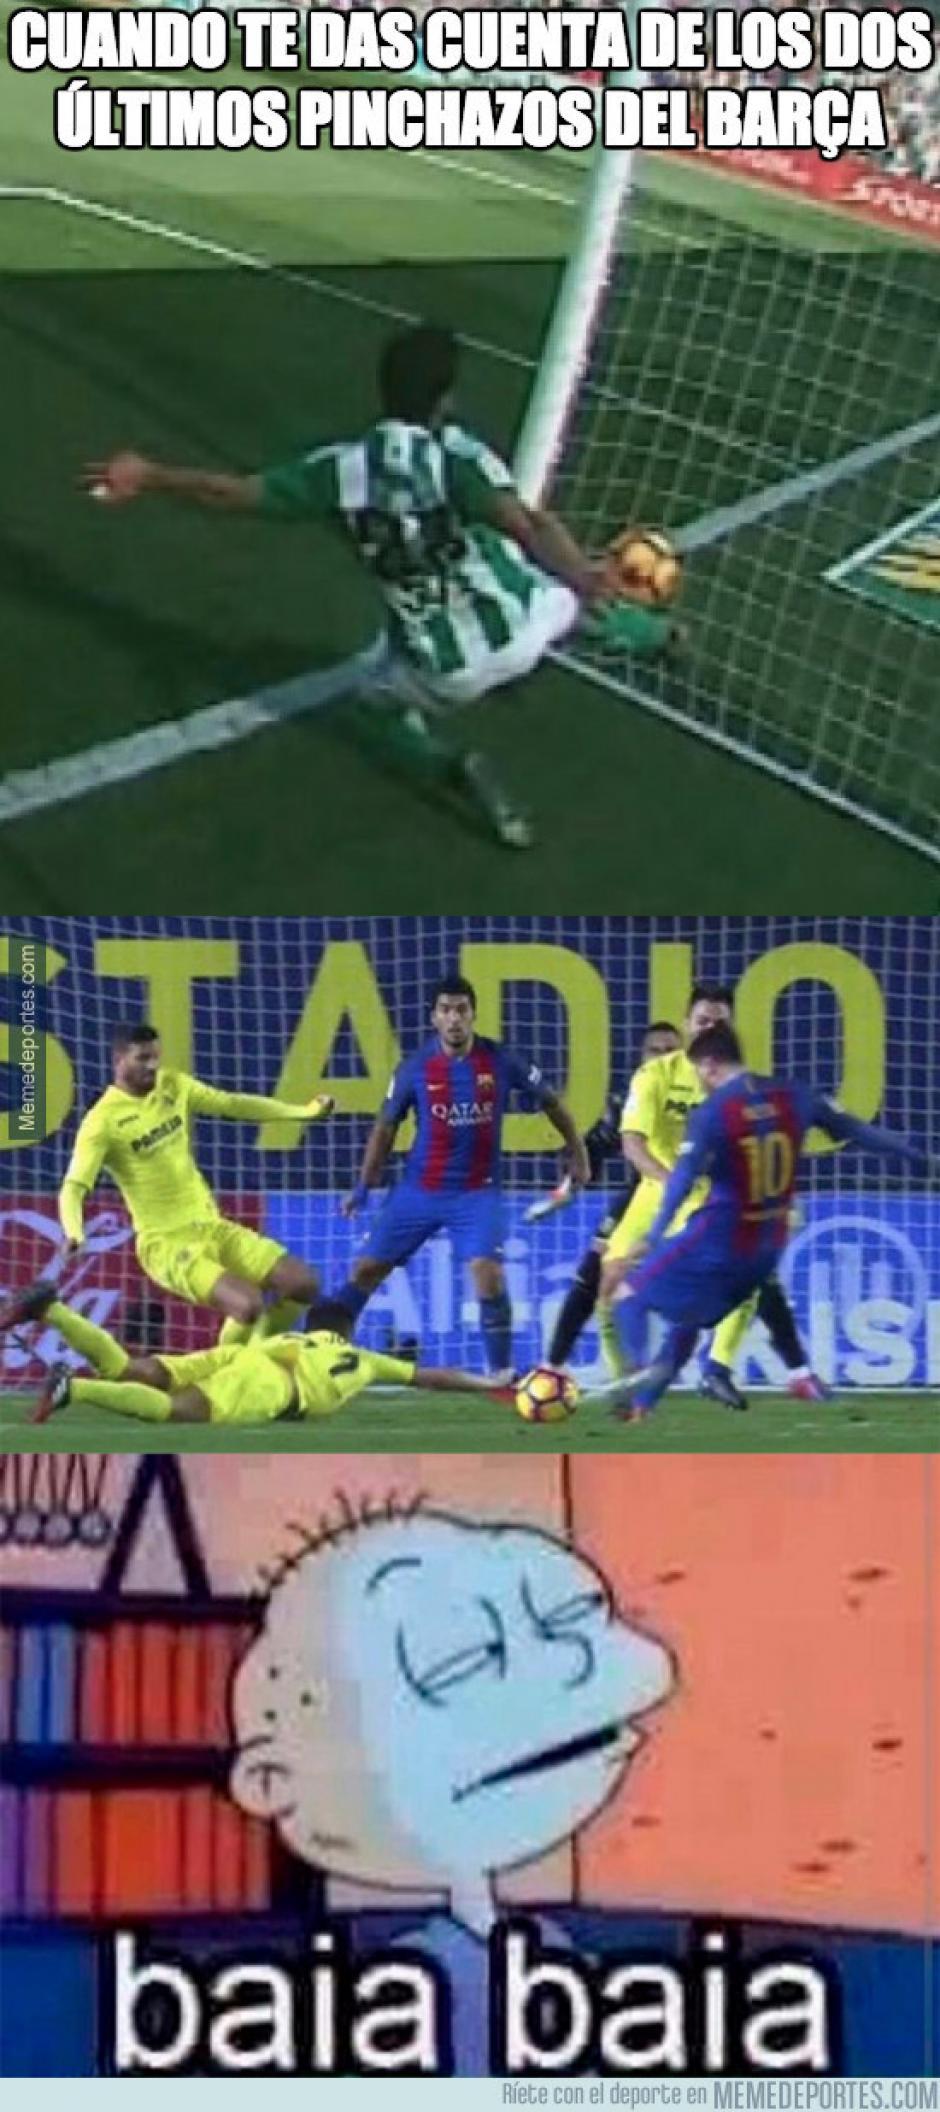 Varios internautas recordaron los últimos fallos en contra del Barcelona. (Imagen: memedeportes.com)